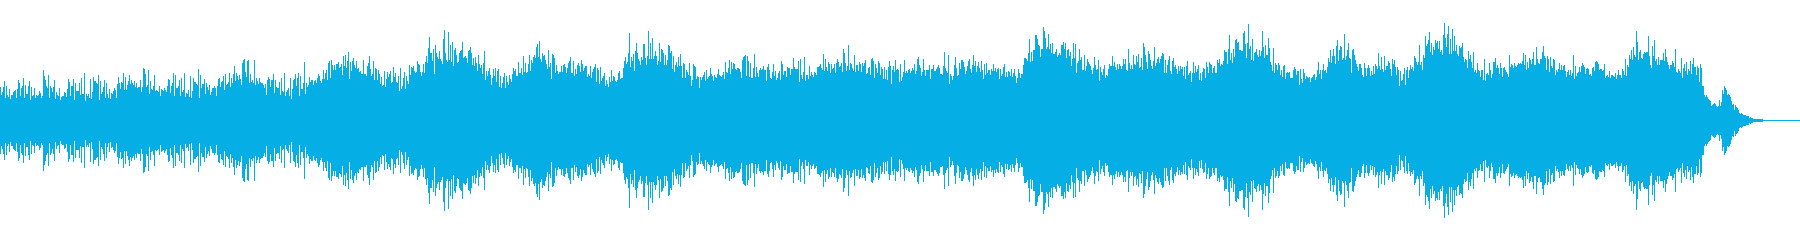 レトロシンセ系のダークなアンビエントの再生済みの波形